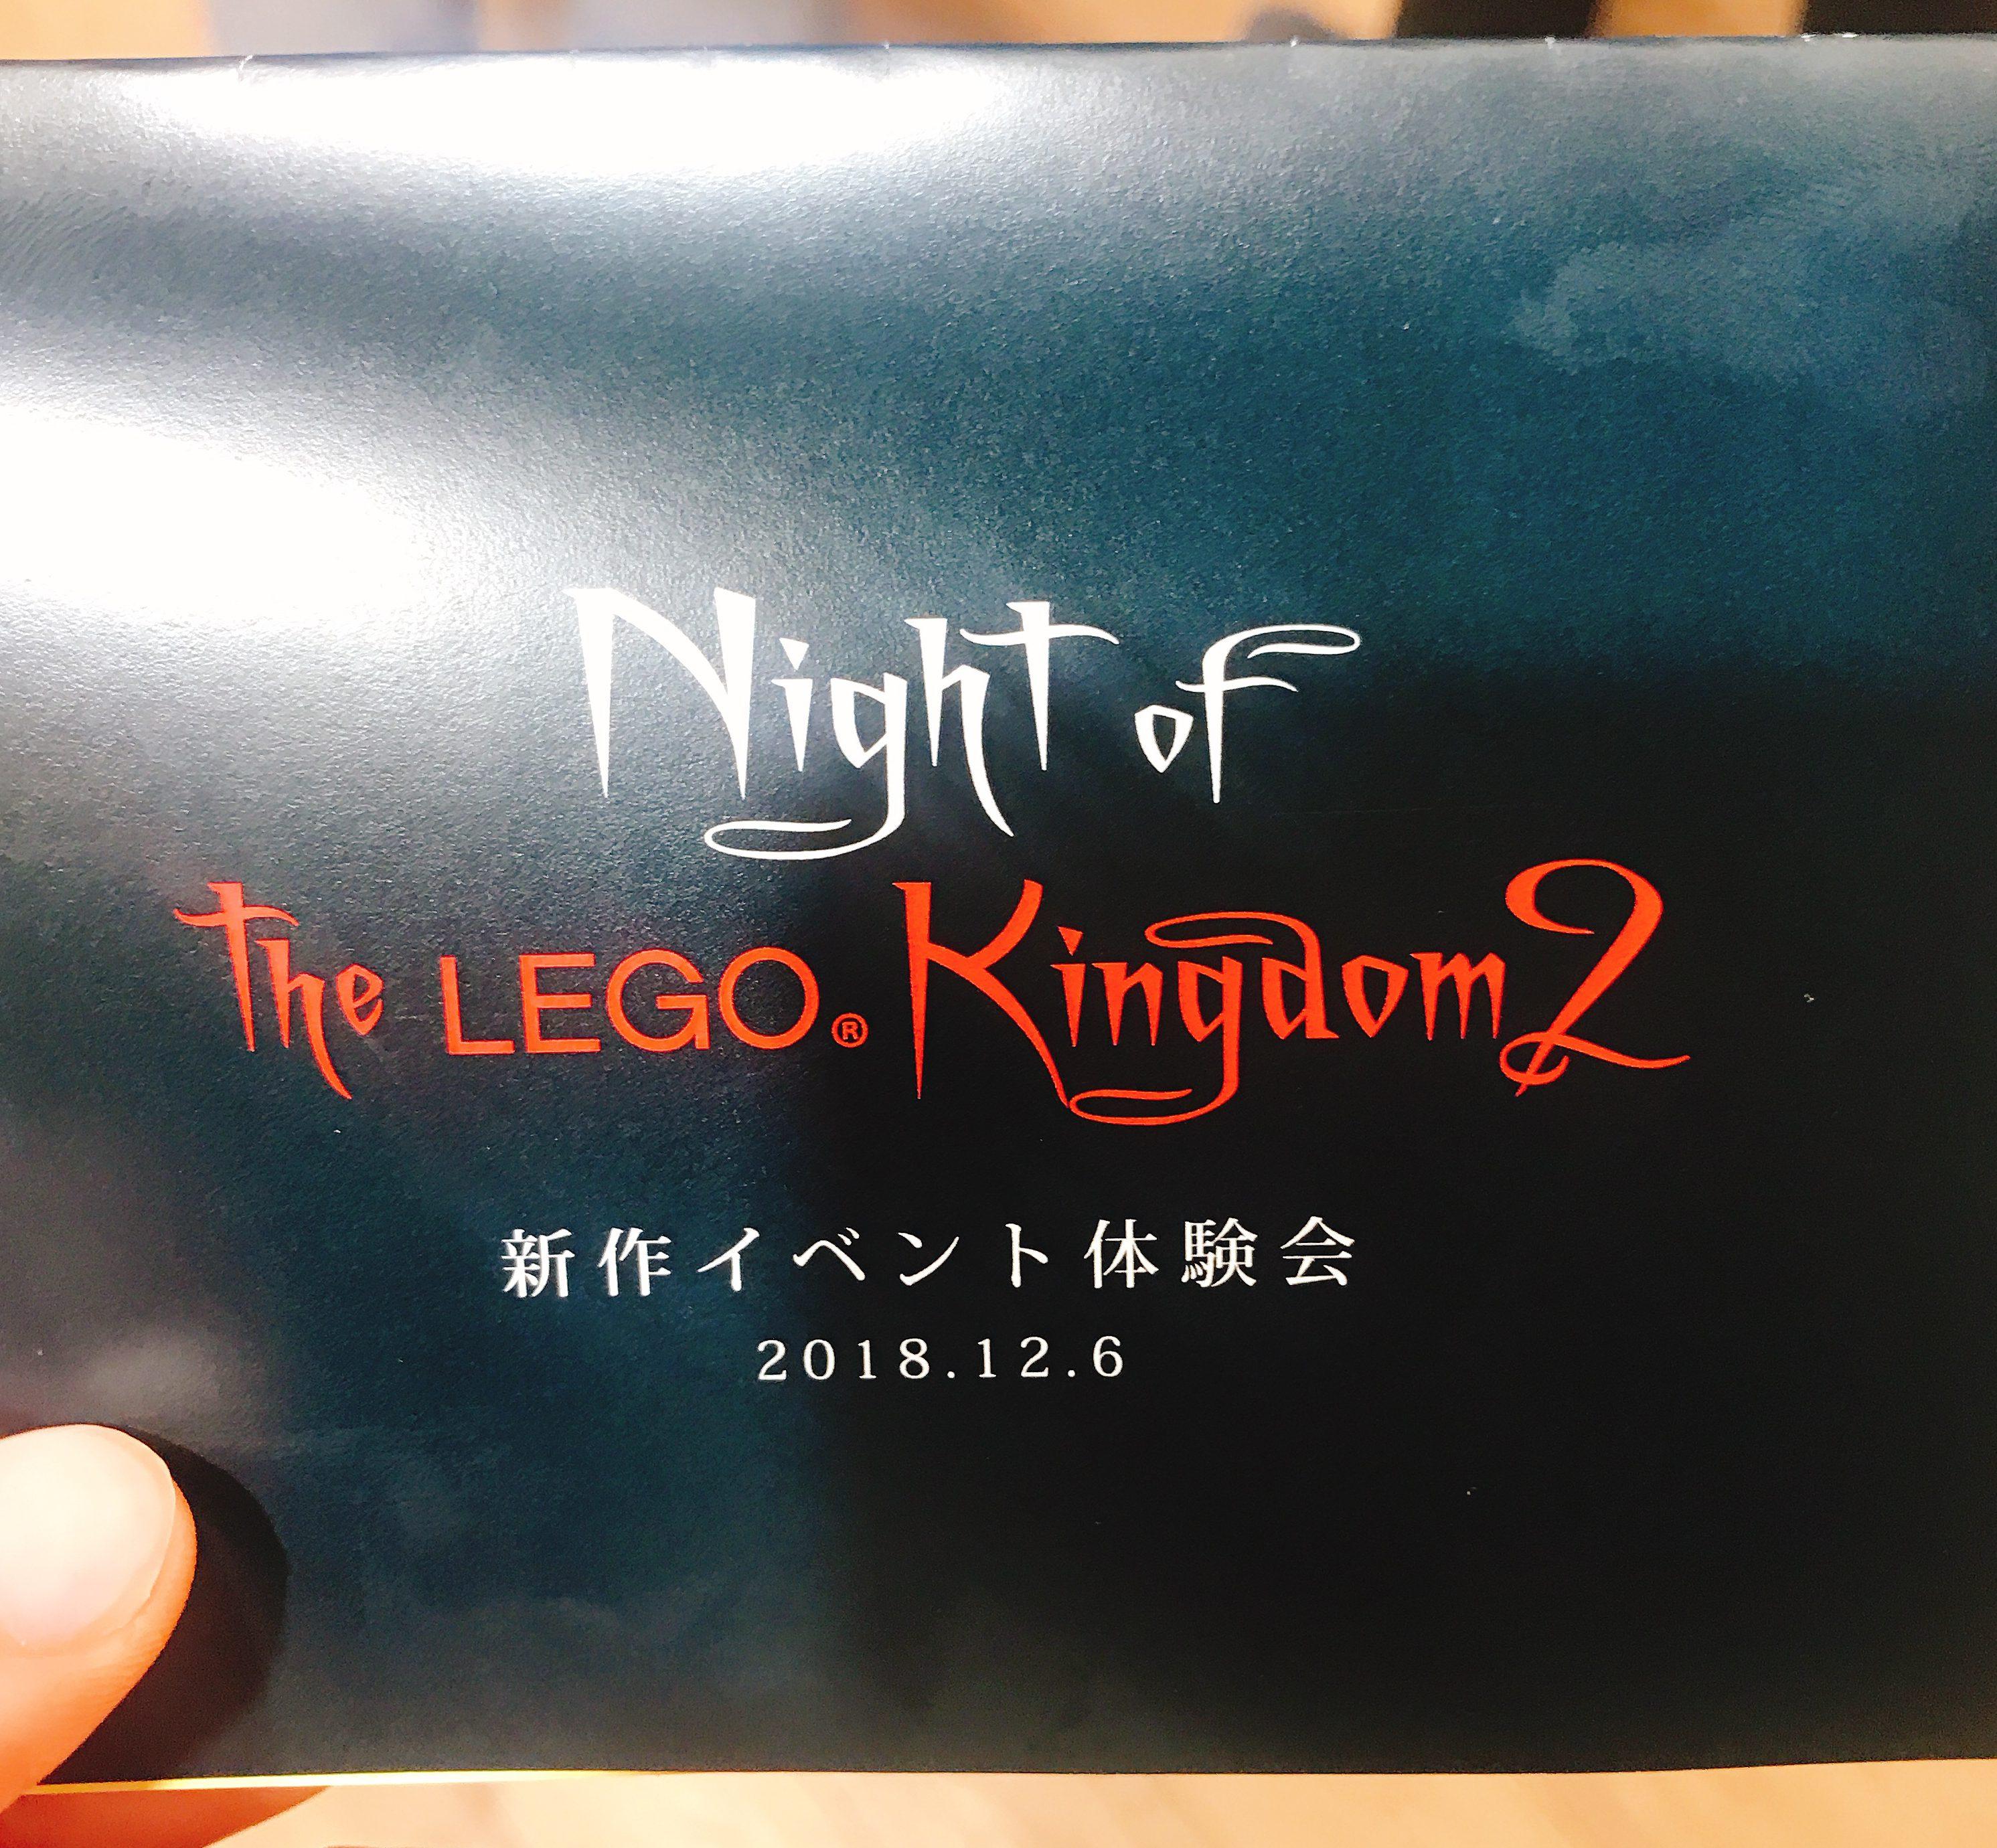 【201812-201901】夜のレゴ王国2 ~3人の王子と魔女の謎~